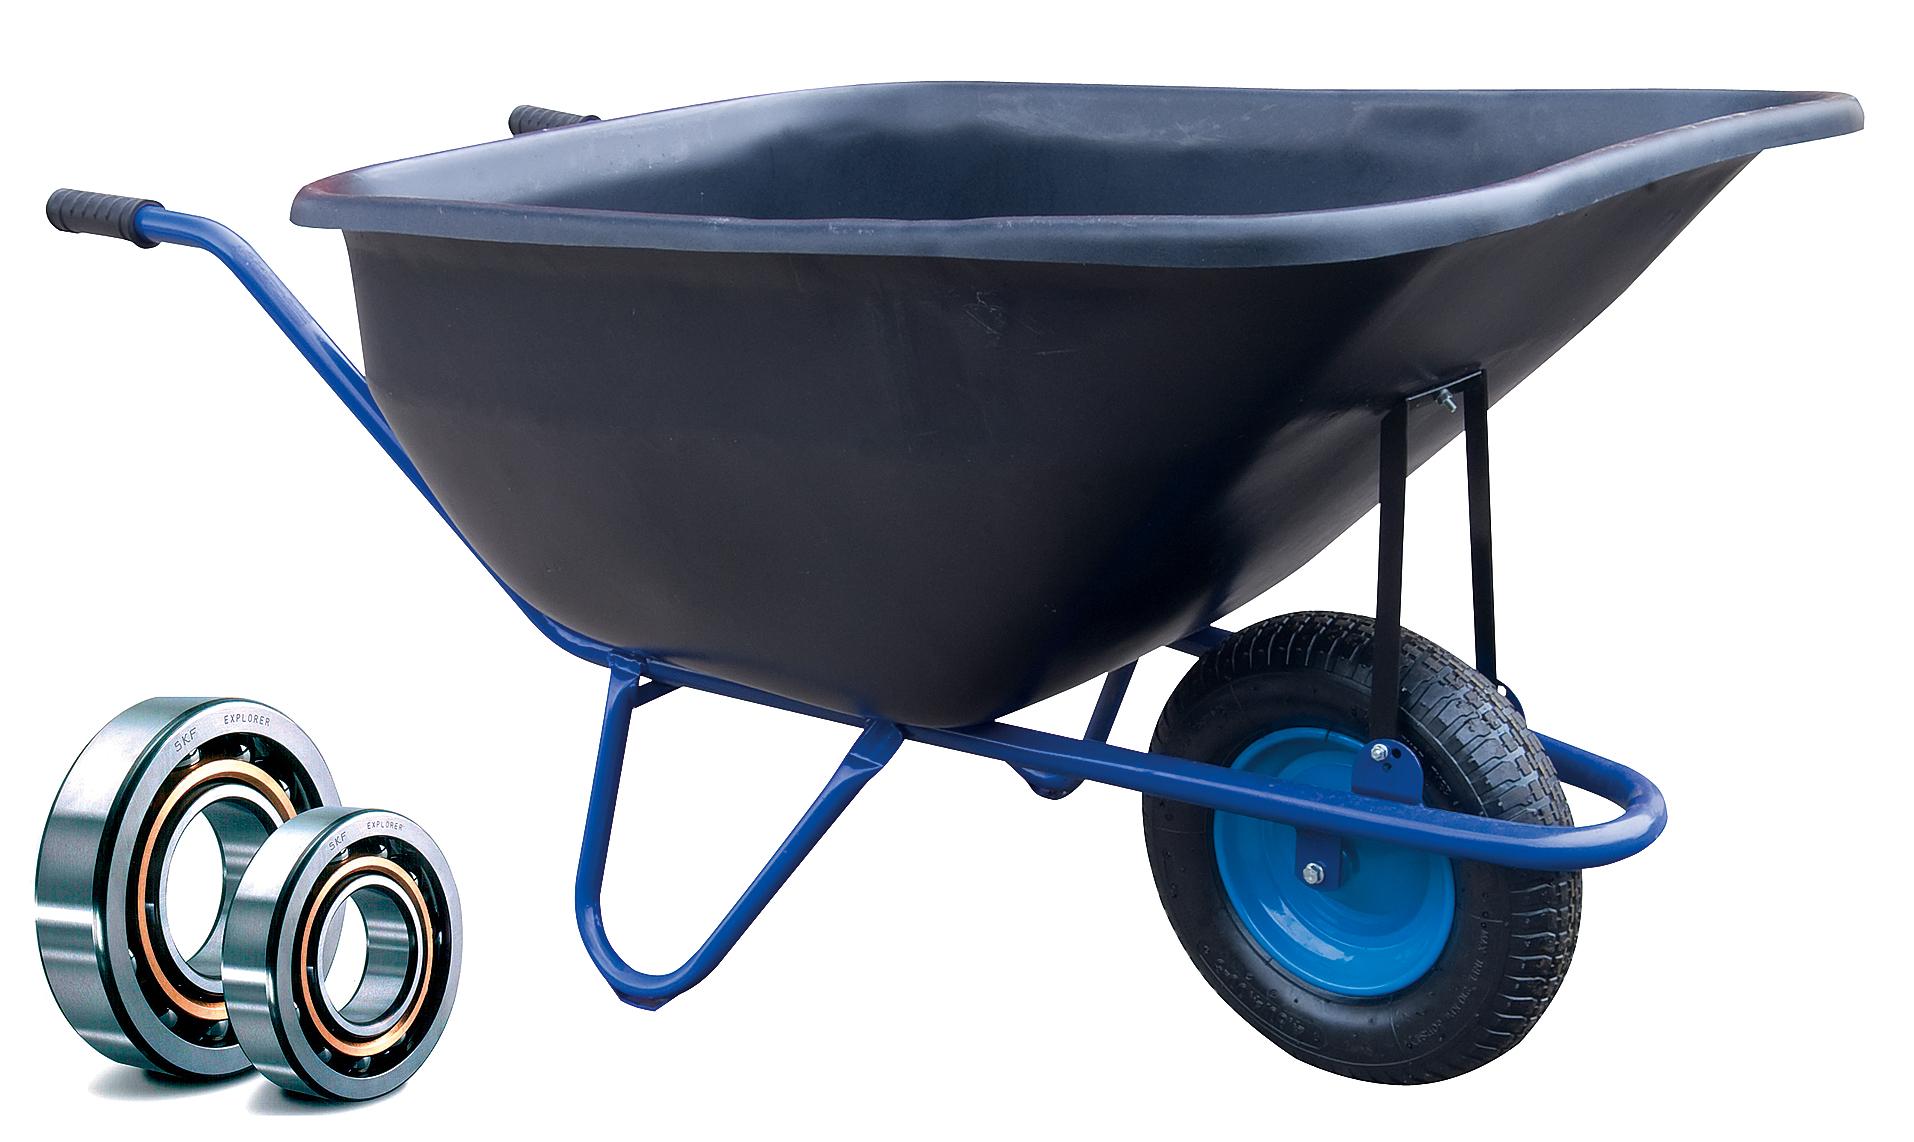 HTI Zahradní kolečko PROFI 180l EURO rám s nafukovací pneumatikou KULIČKOVÁ LOŽISKA KZL12